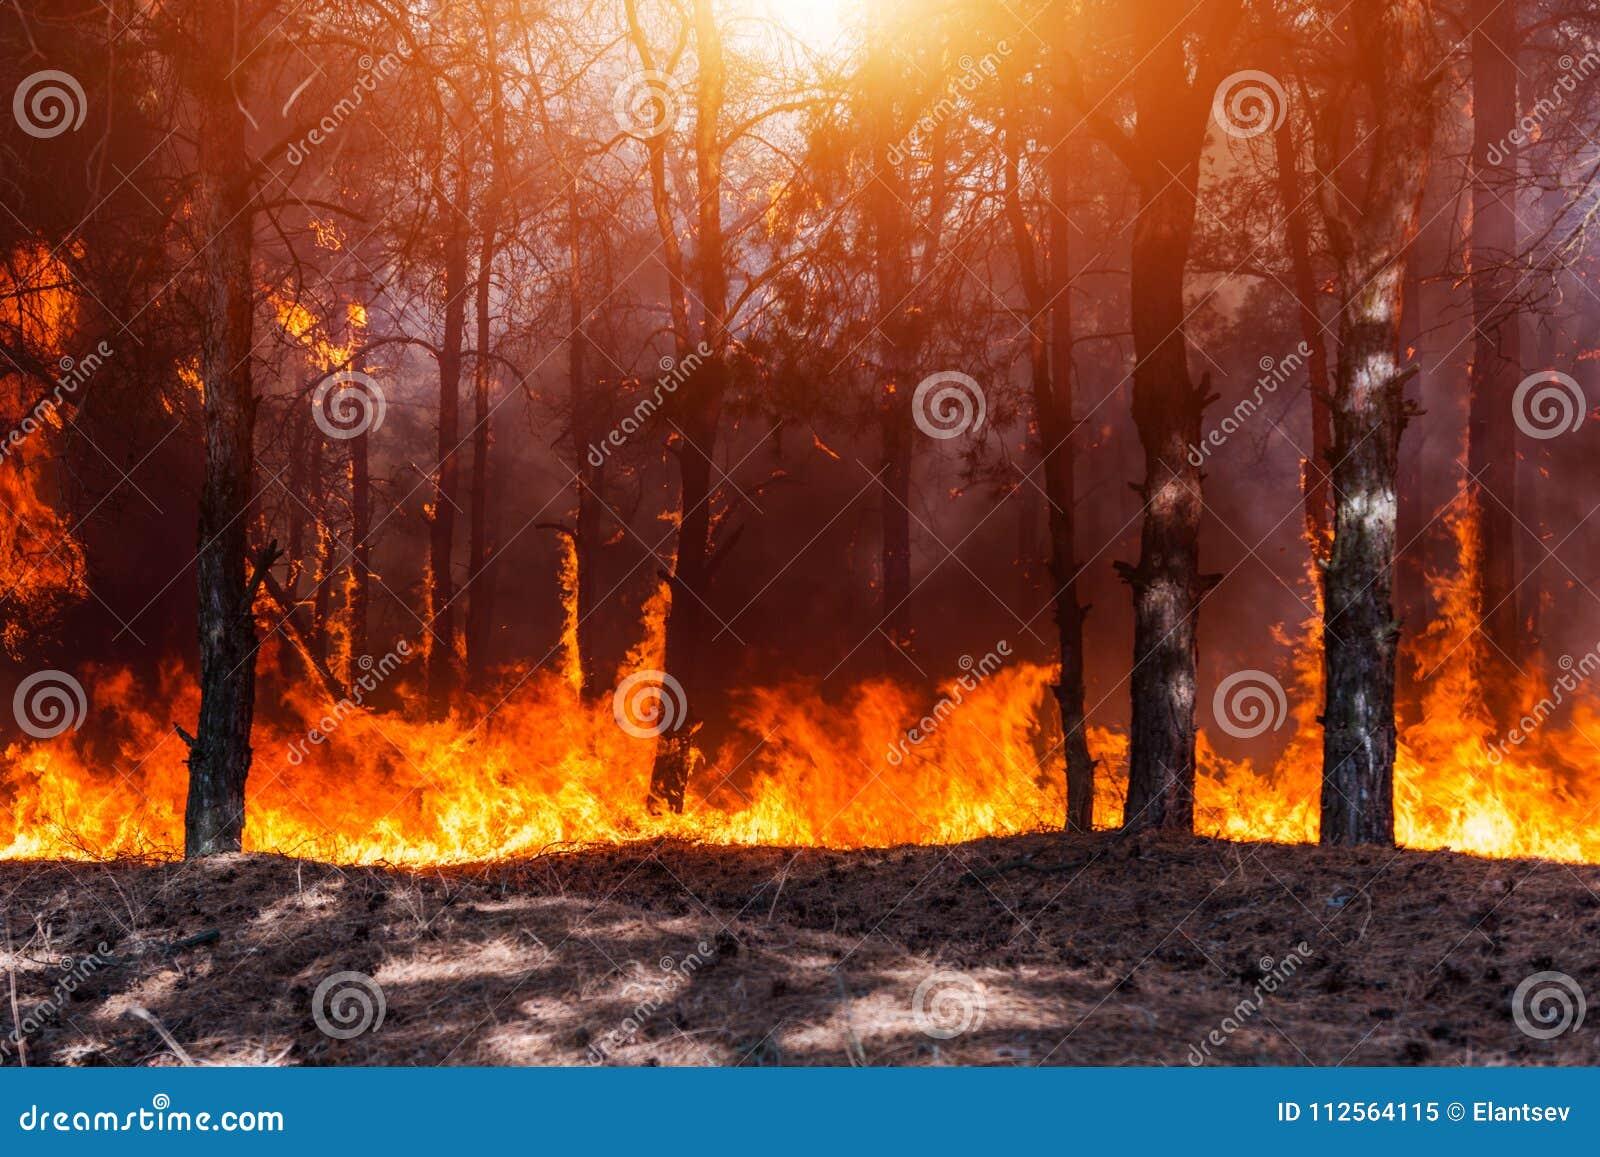 Forest Fire Árboles quemados después de incendios forestales y de porciones de humo